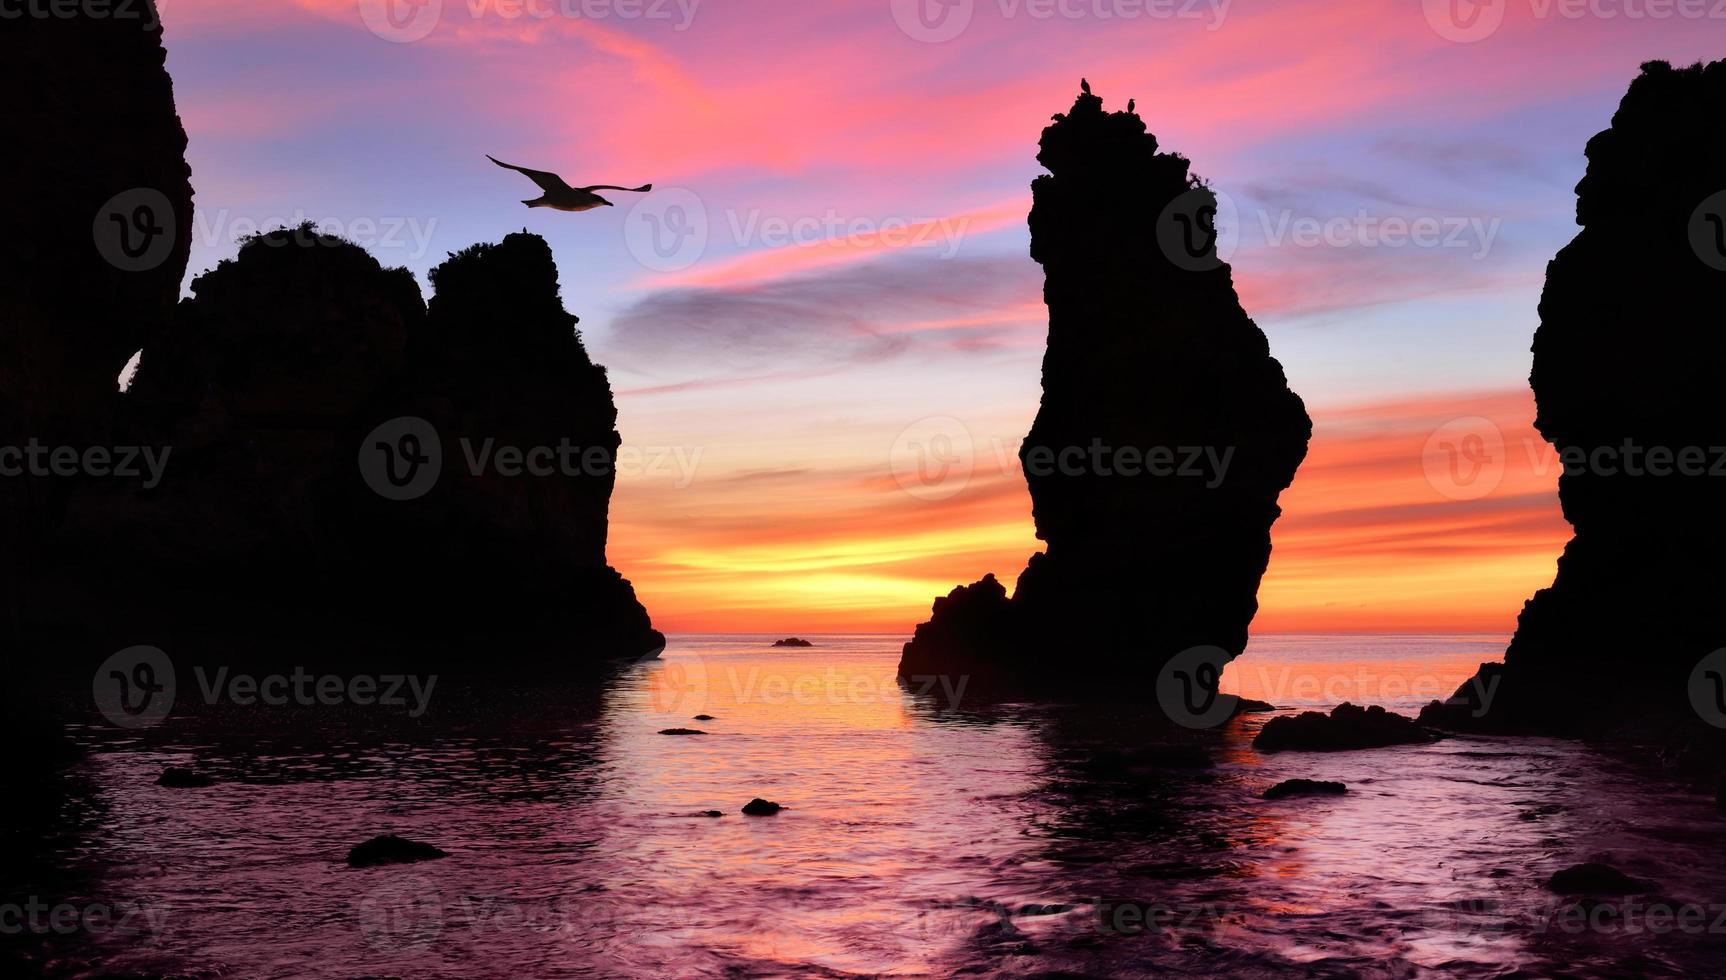 magnifique lever de soleil sur l'océan photo